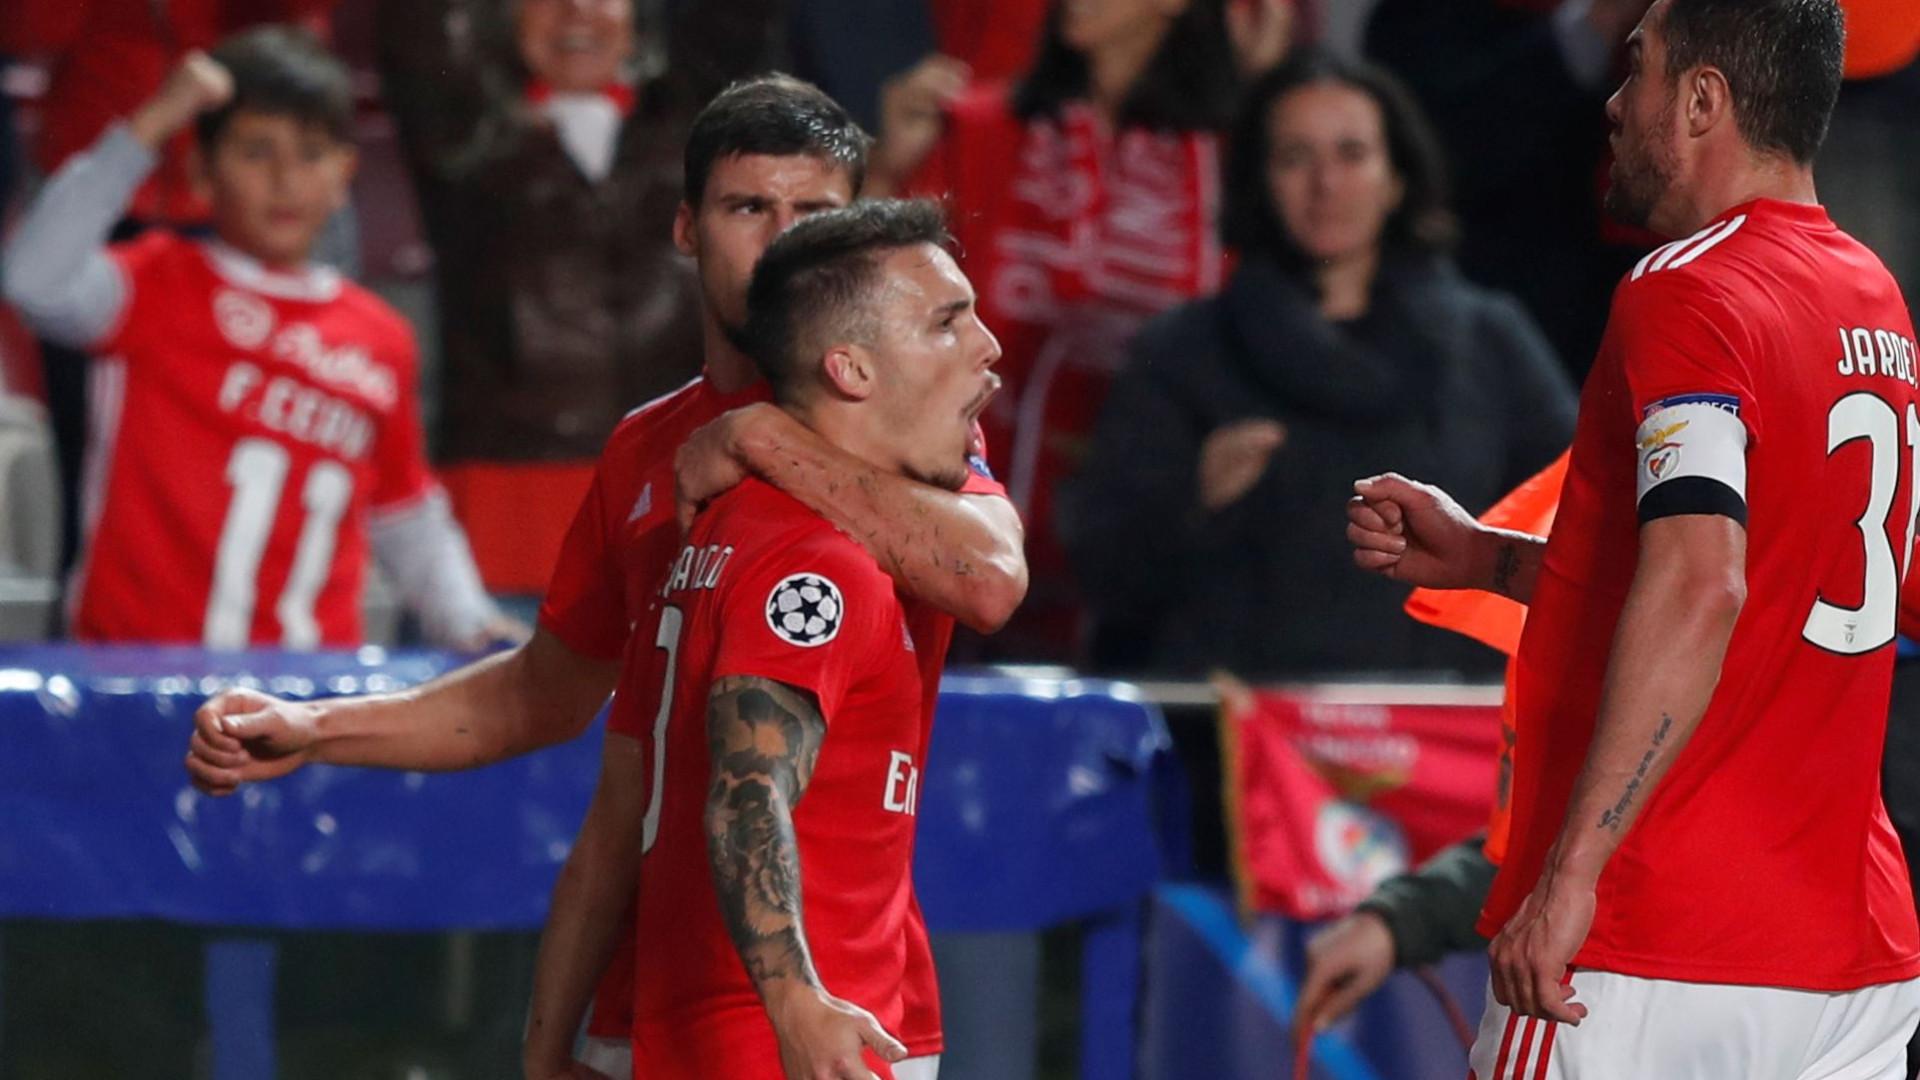 Benfica registou 17.ª melhor assistência europeia em 2017/18